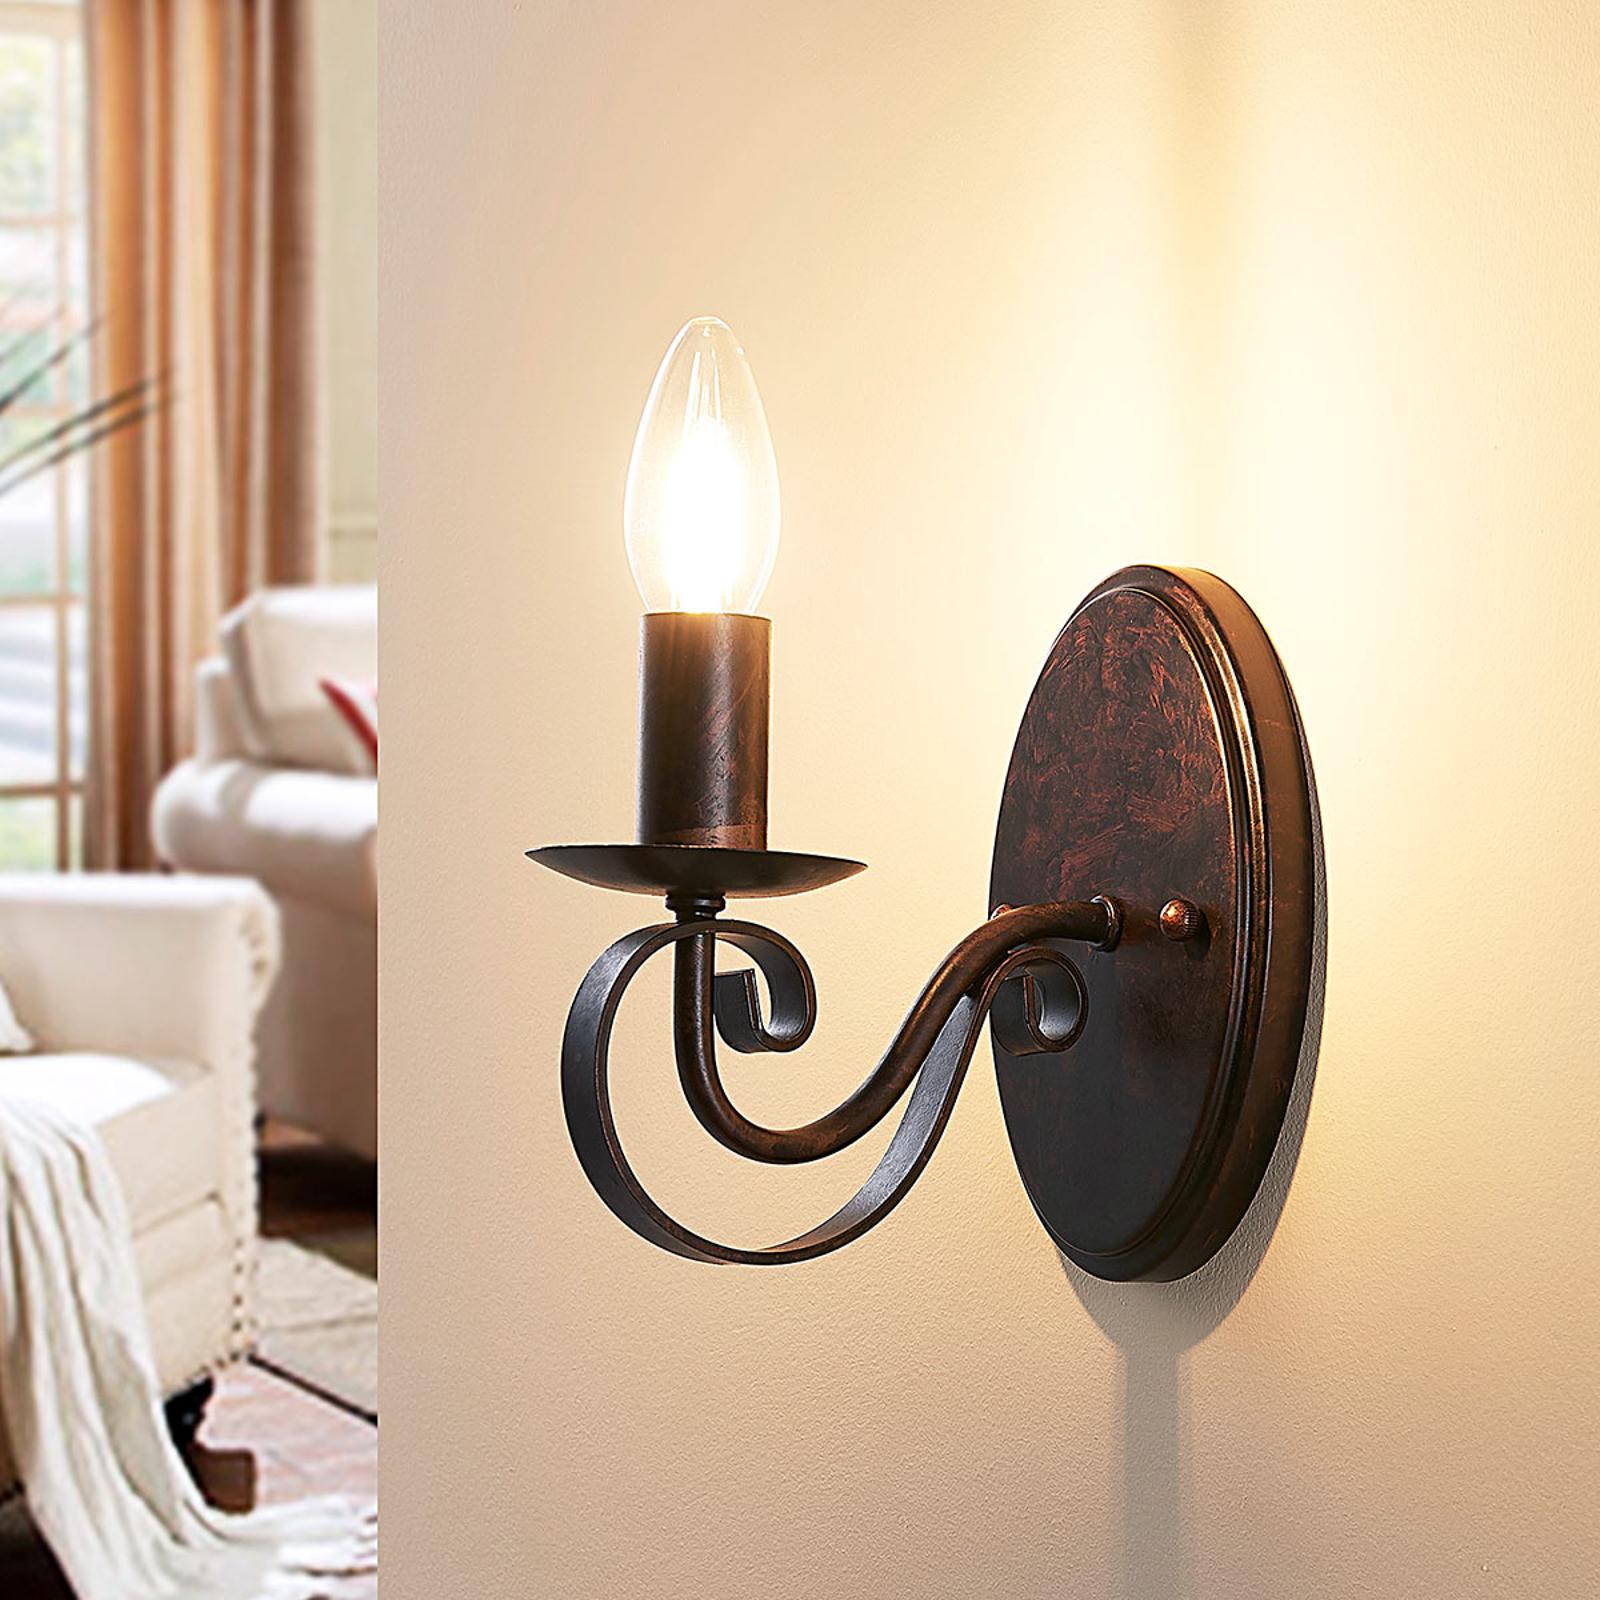 CALEB - rdzawa lampa ścienna w stylu dworkowym